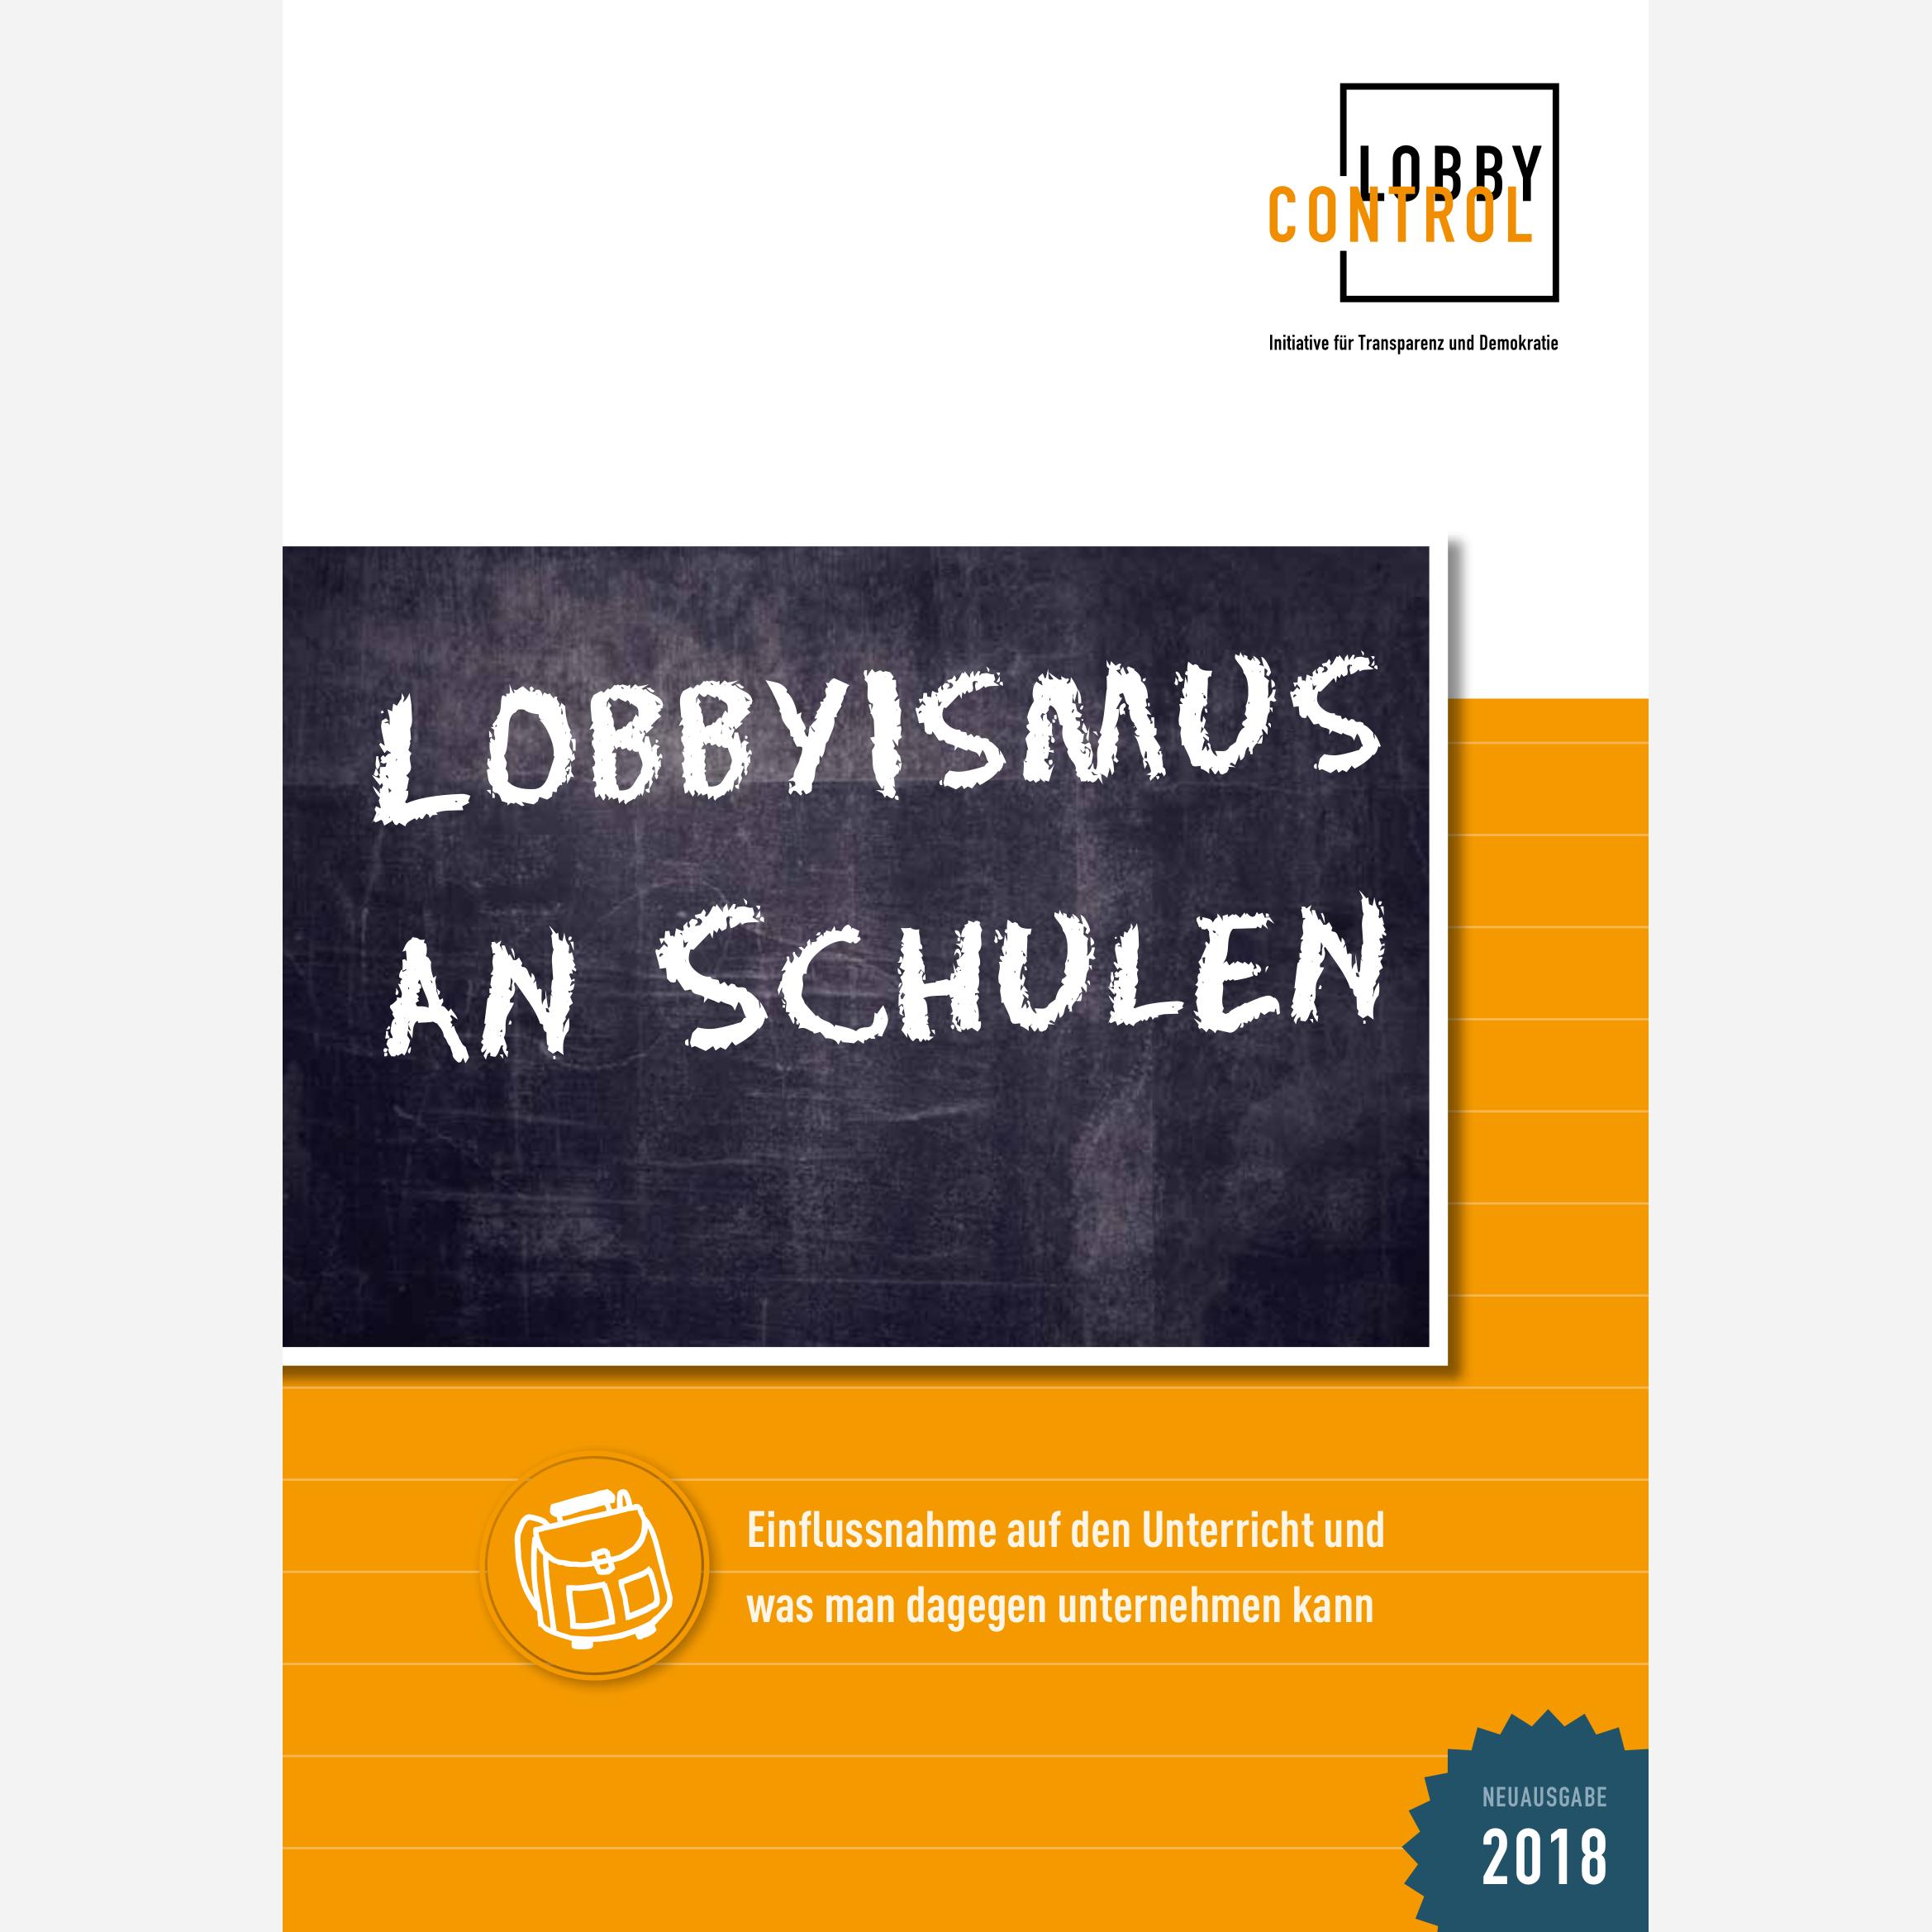 Lobbyismus an Schulen Neuausgabe 2018